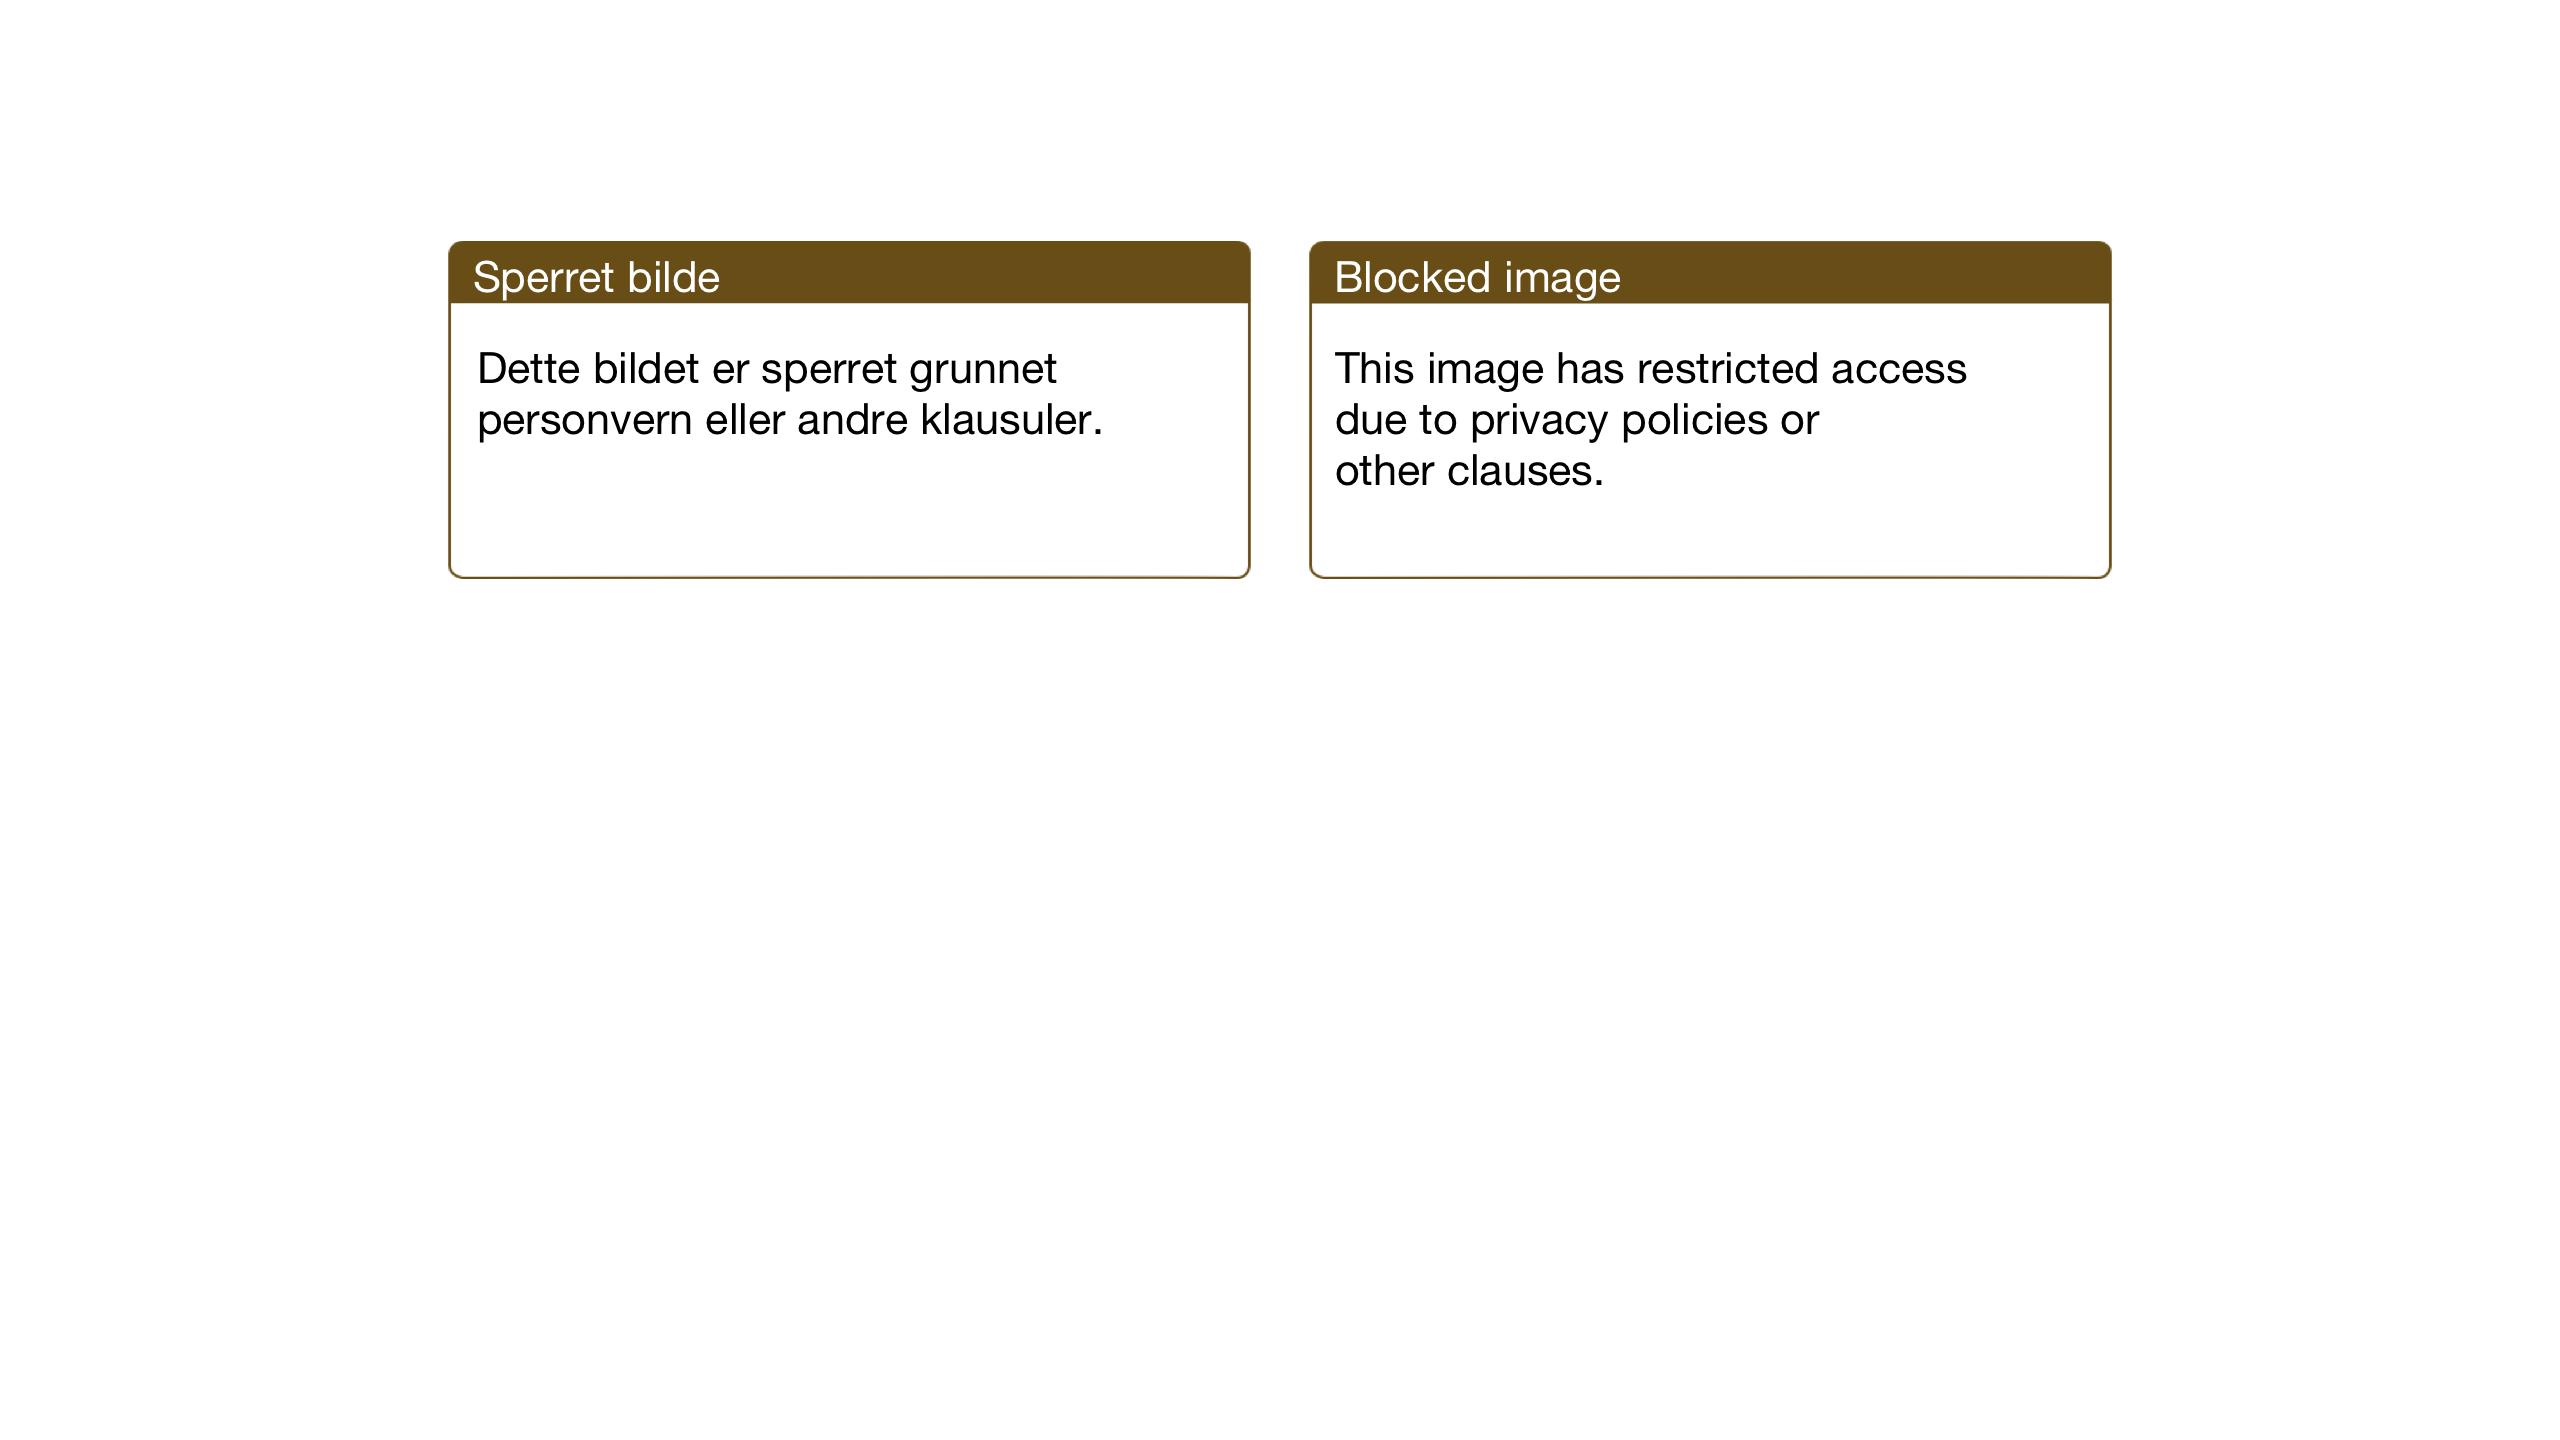 SAT, Ministerialprotokoller, klokkerbøker og fødselsregistre - Nord-Trøndelag, 786/L0689: Klokkerbok nr. 786C01, 1940-1948, s. 248-249